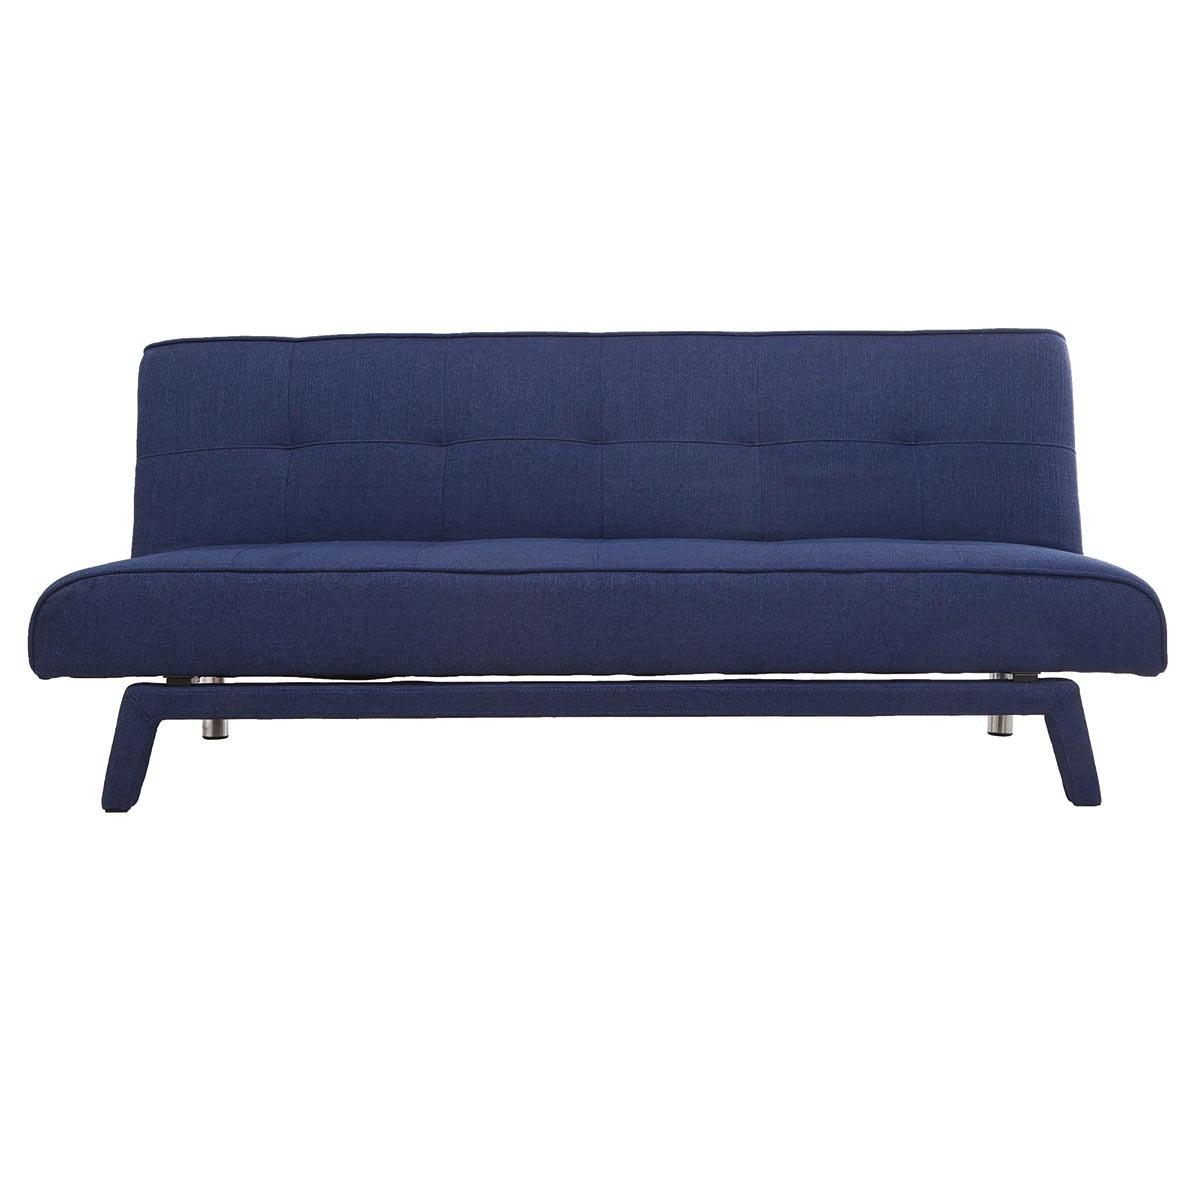 Divano convertibile design 3 posti tessuto blu scuro BUCK